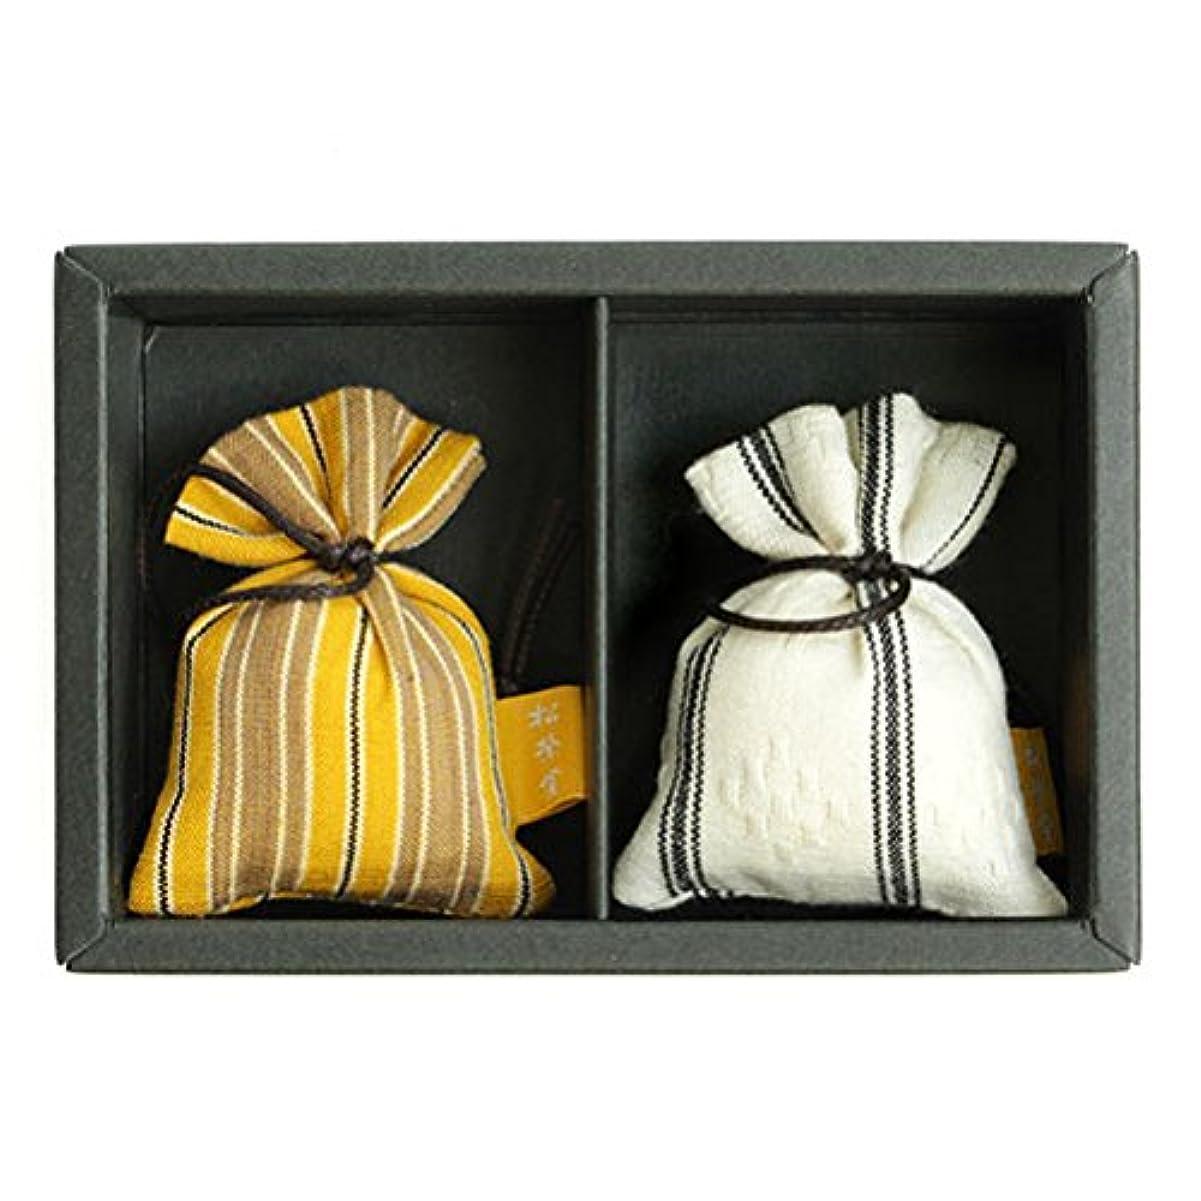 匂い袋 誰が袖 ルリック(縞) 2個入 松栄堂 Shoyeido 本体長さ60mm (色?柄は選べません)